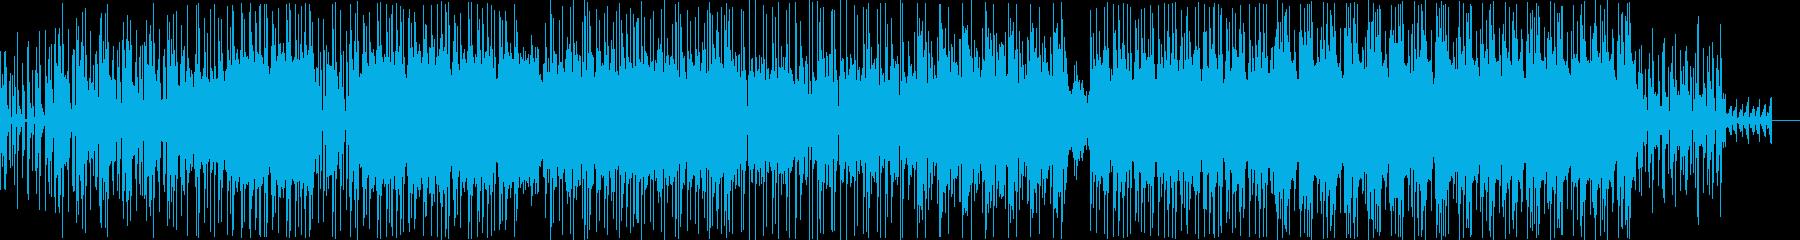 ミドルテンポでダークな雰囲気の楽曲の再生済みの波形